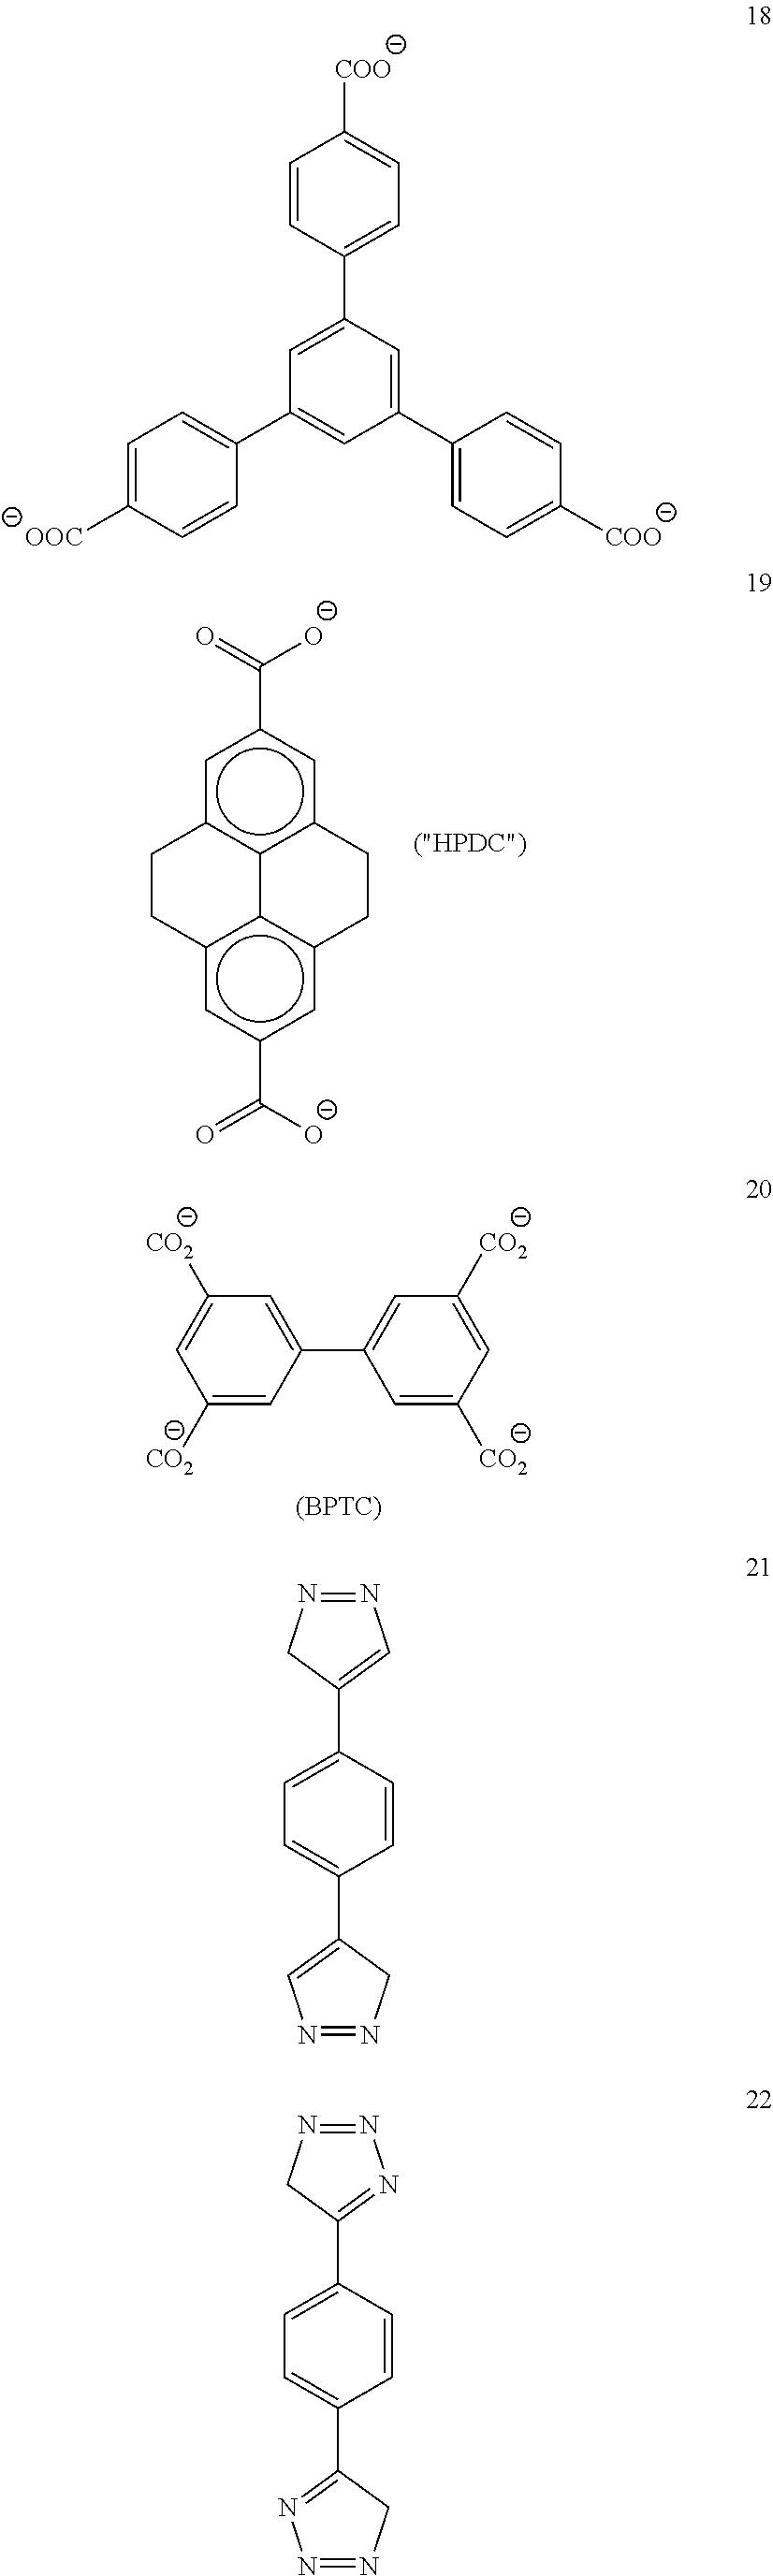 Figure US09630163-20170425-C00004